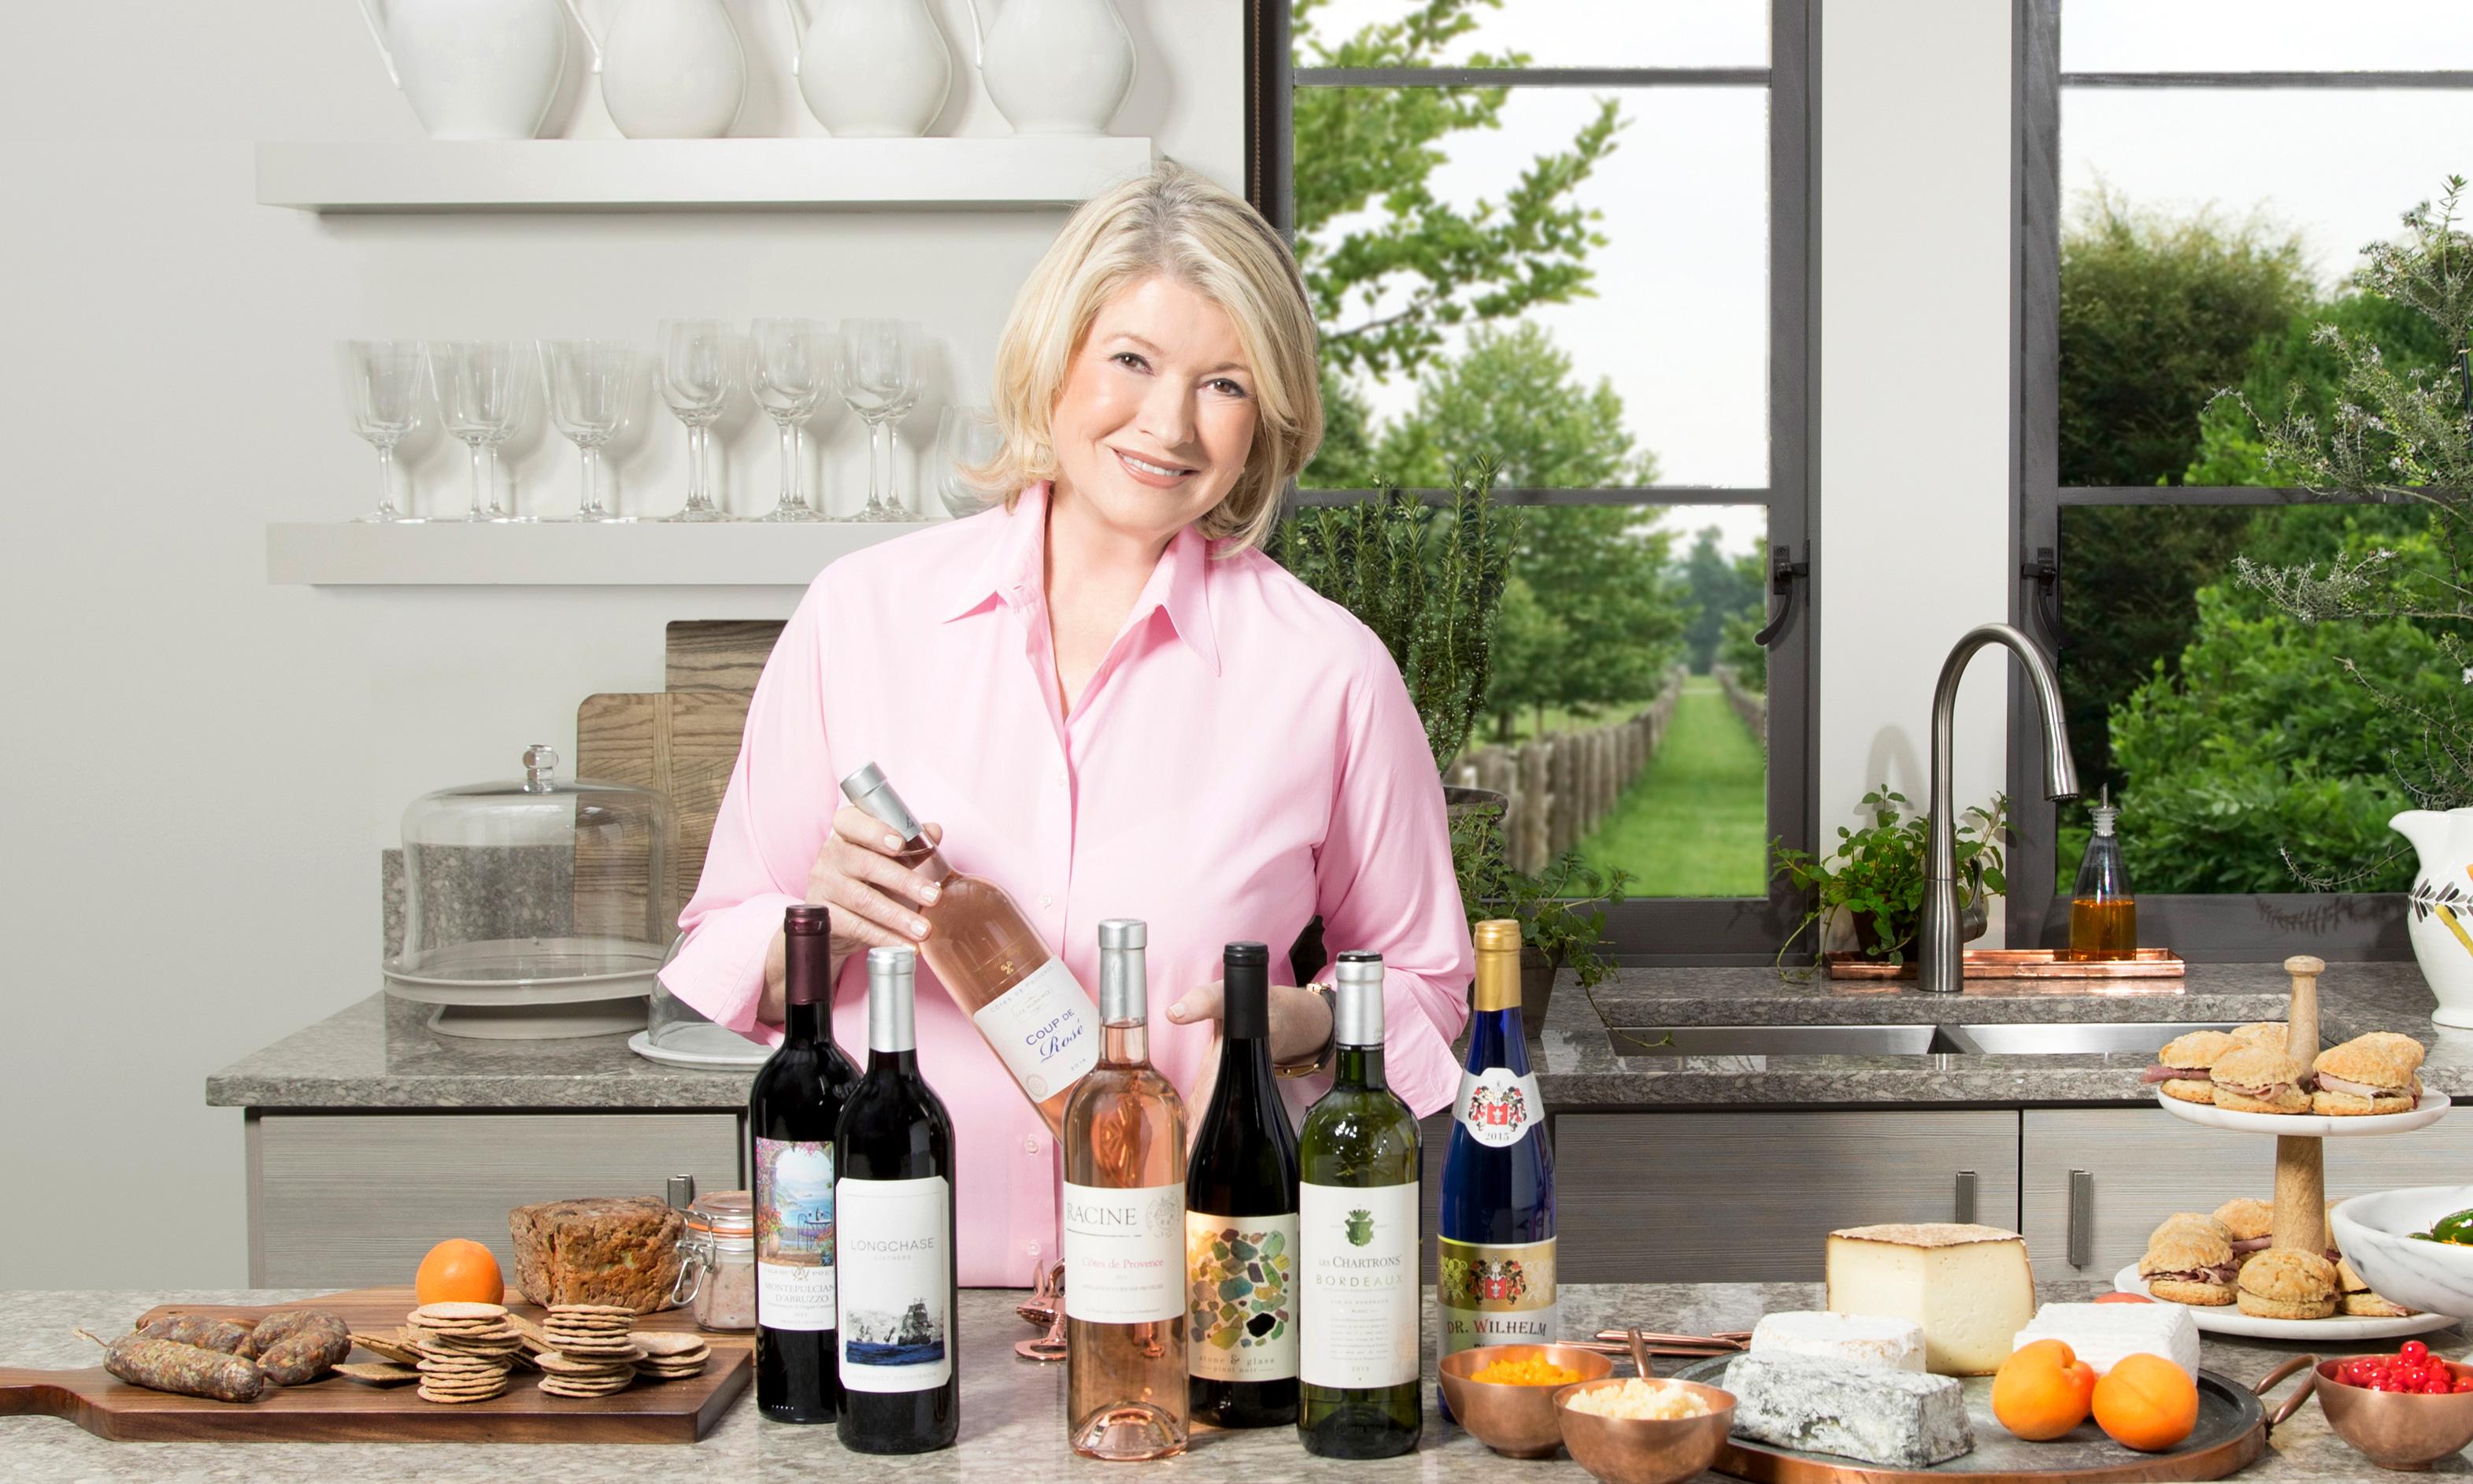 martha stewart wine varieties cheese snacks